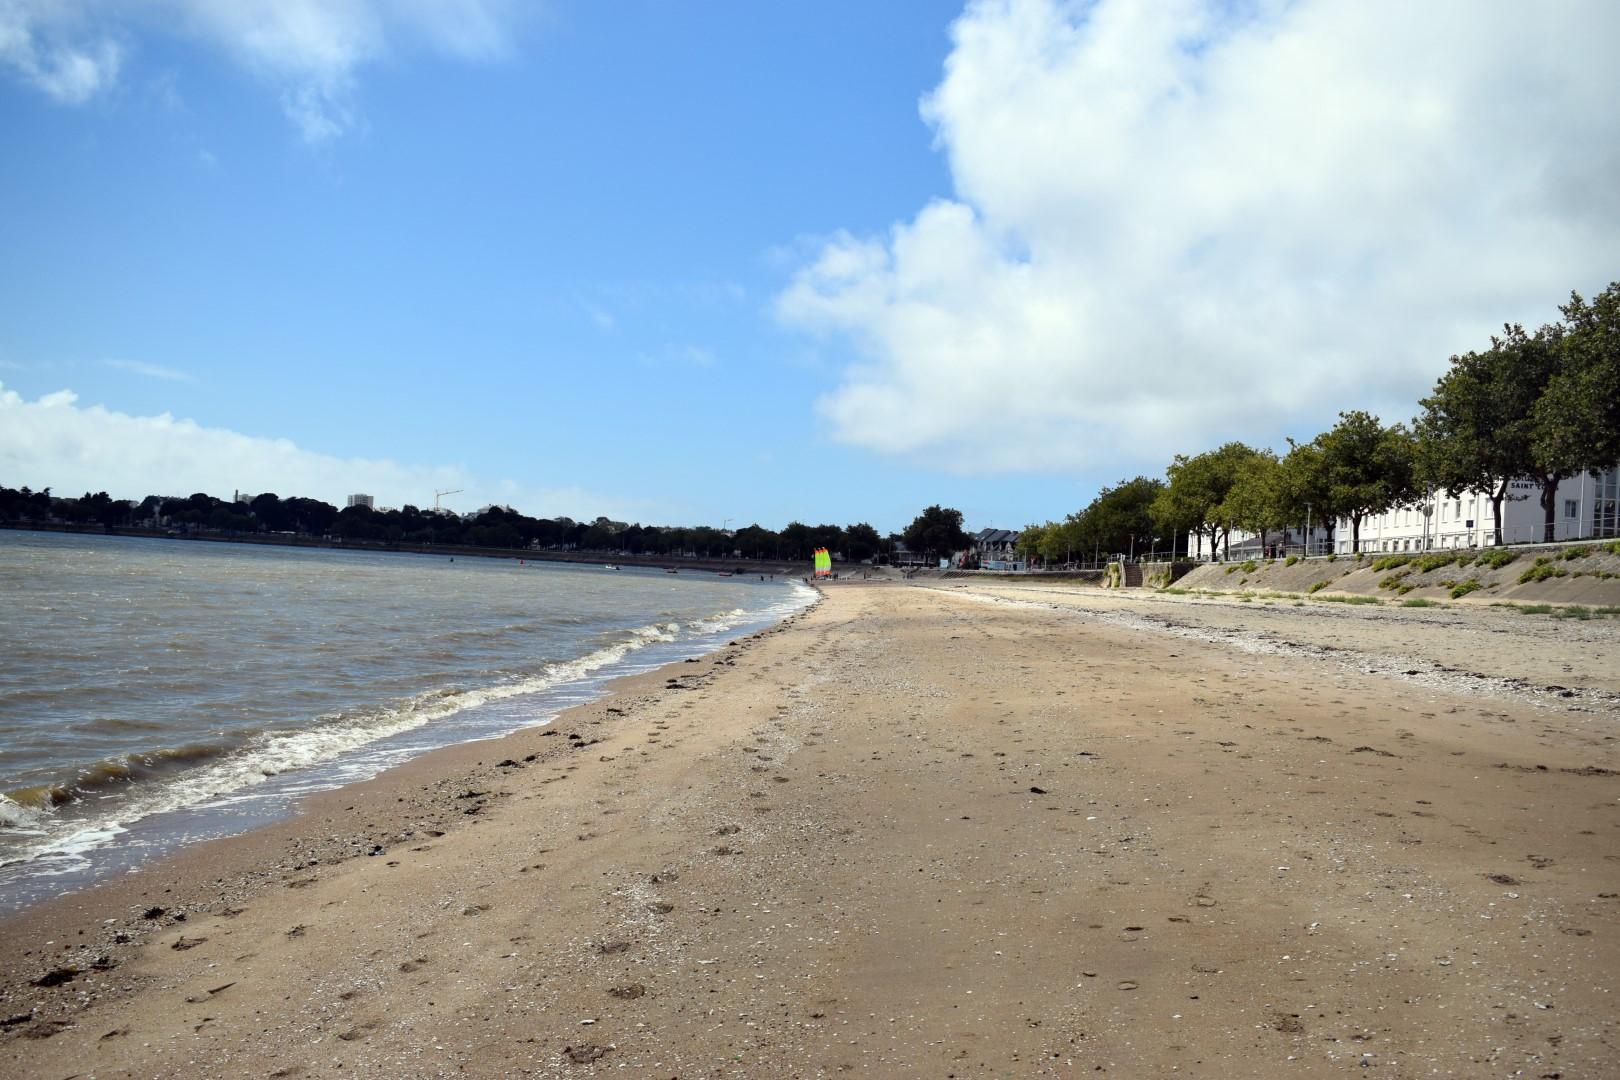 La grande plage, Saint-Nazaire, August 2020